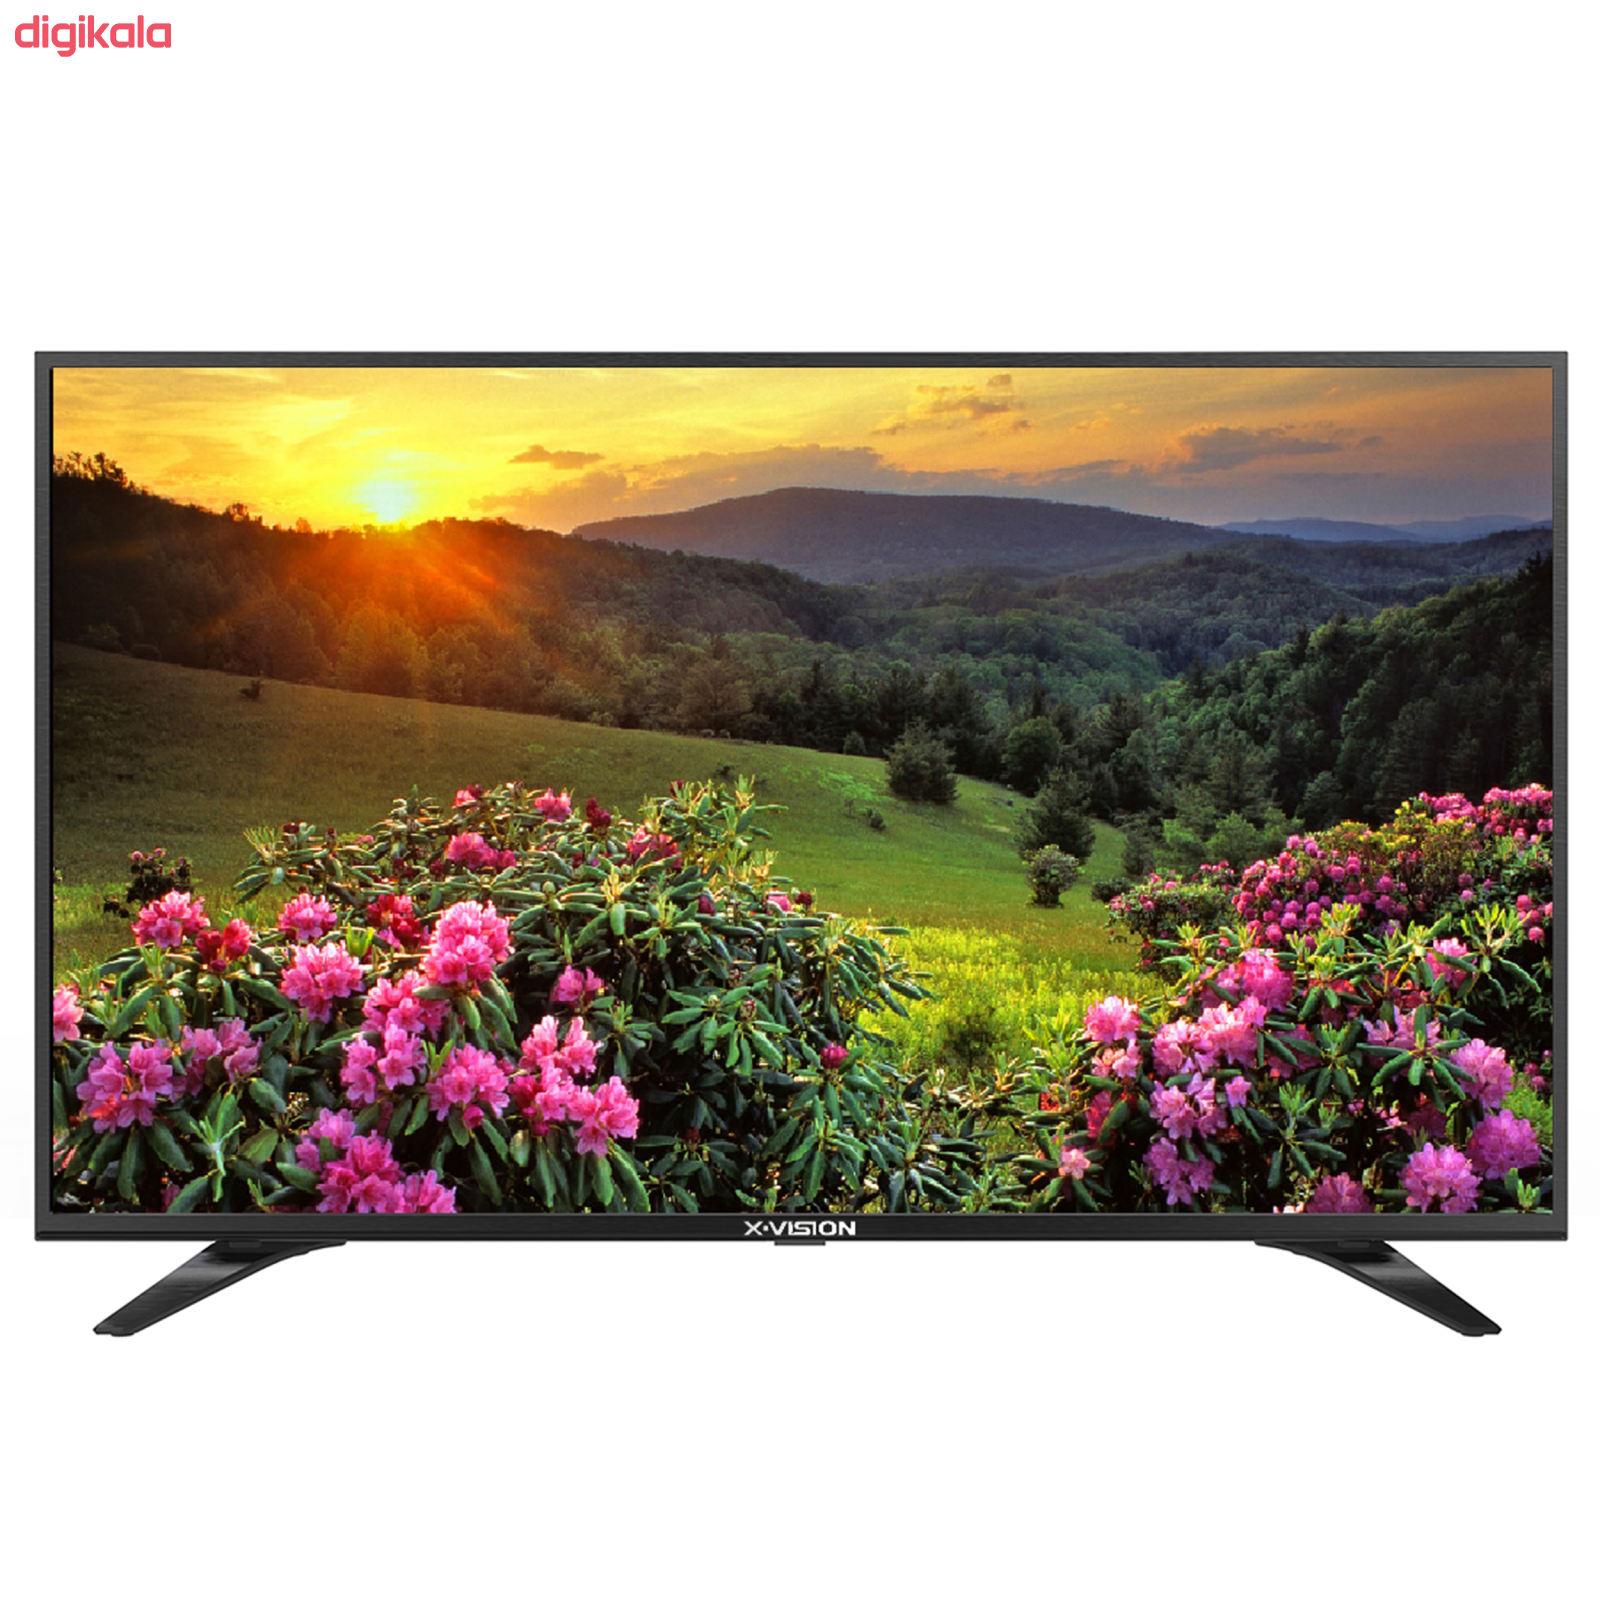 تلویزیون ال ای دی ایکس ویژن مدل 55XT540 سایز 55 اینچ main 1 2